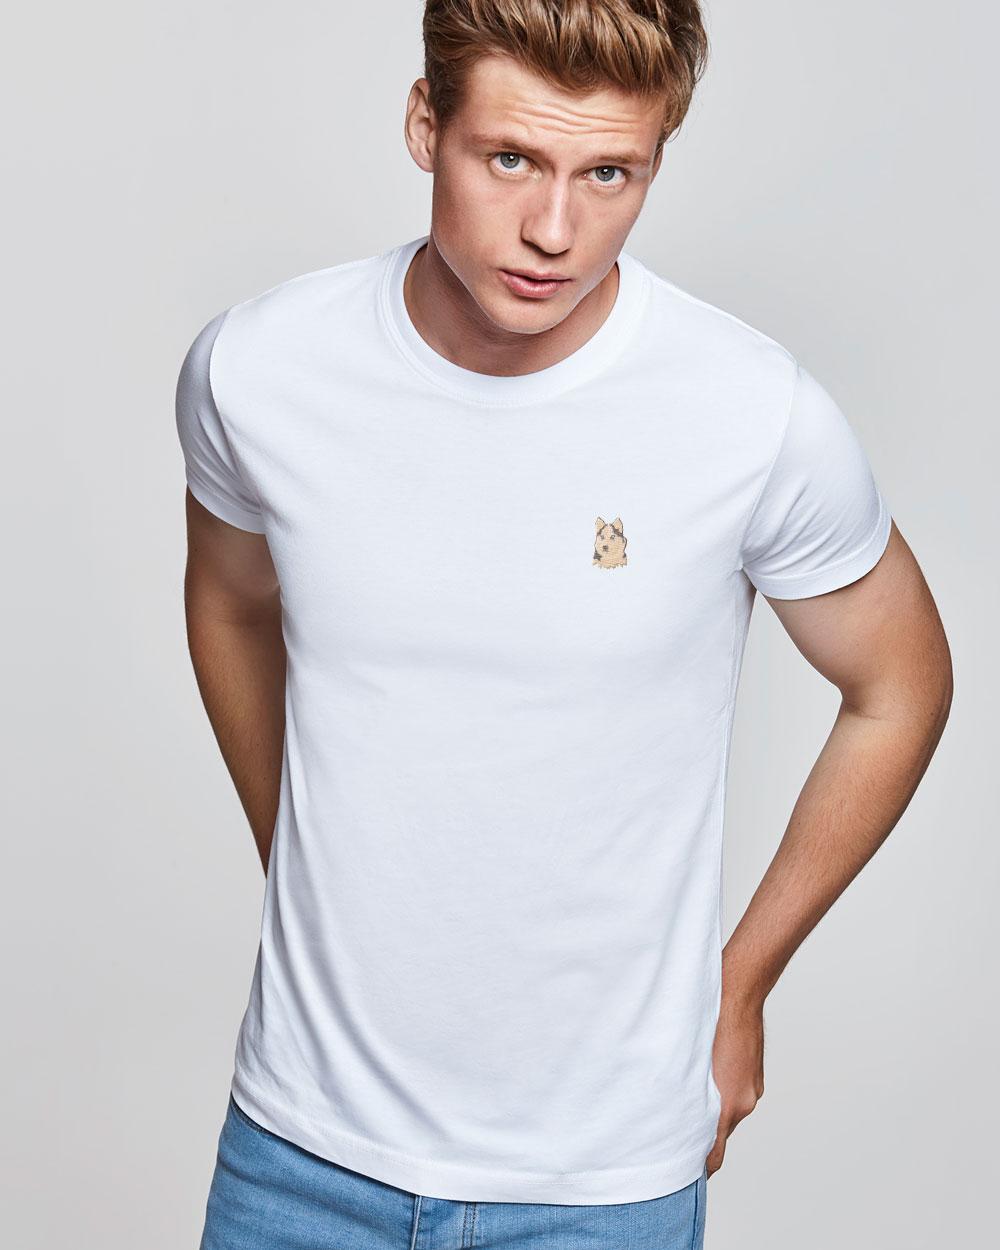 Camiseta manga corta con motivo bordado Husky